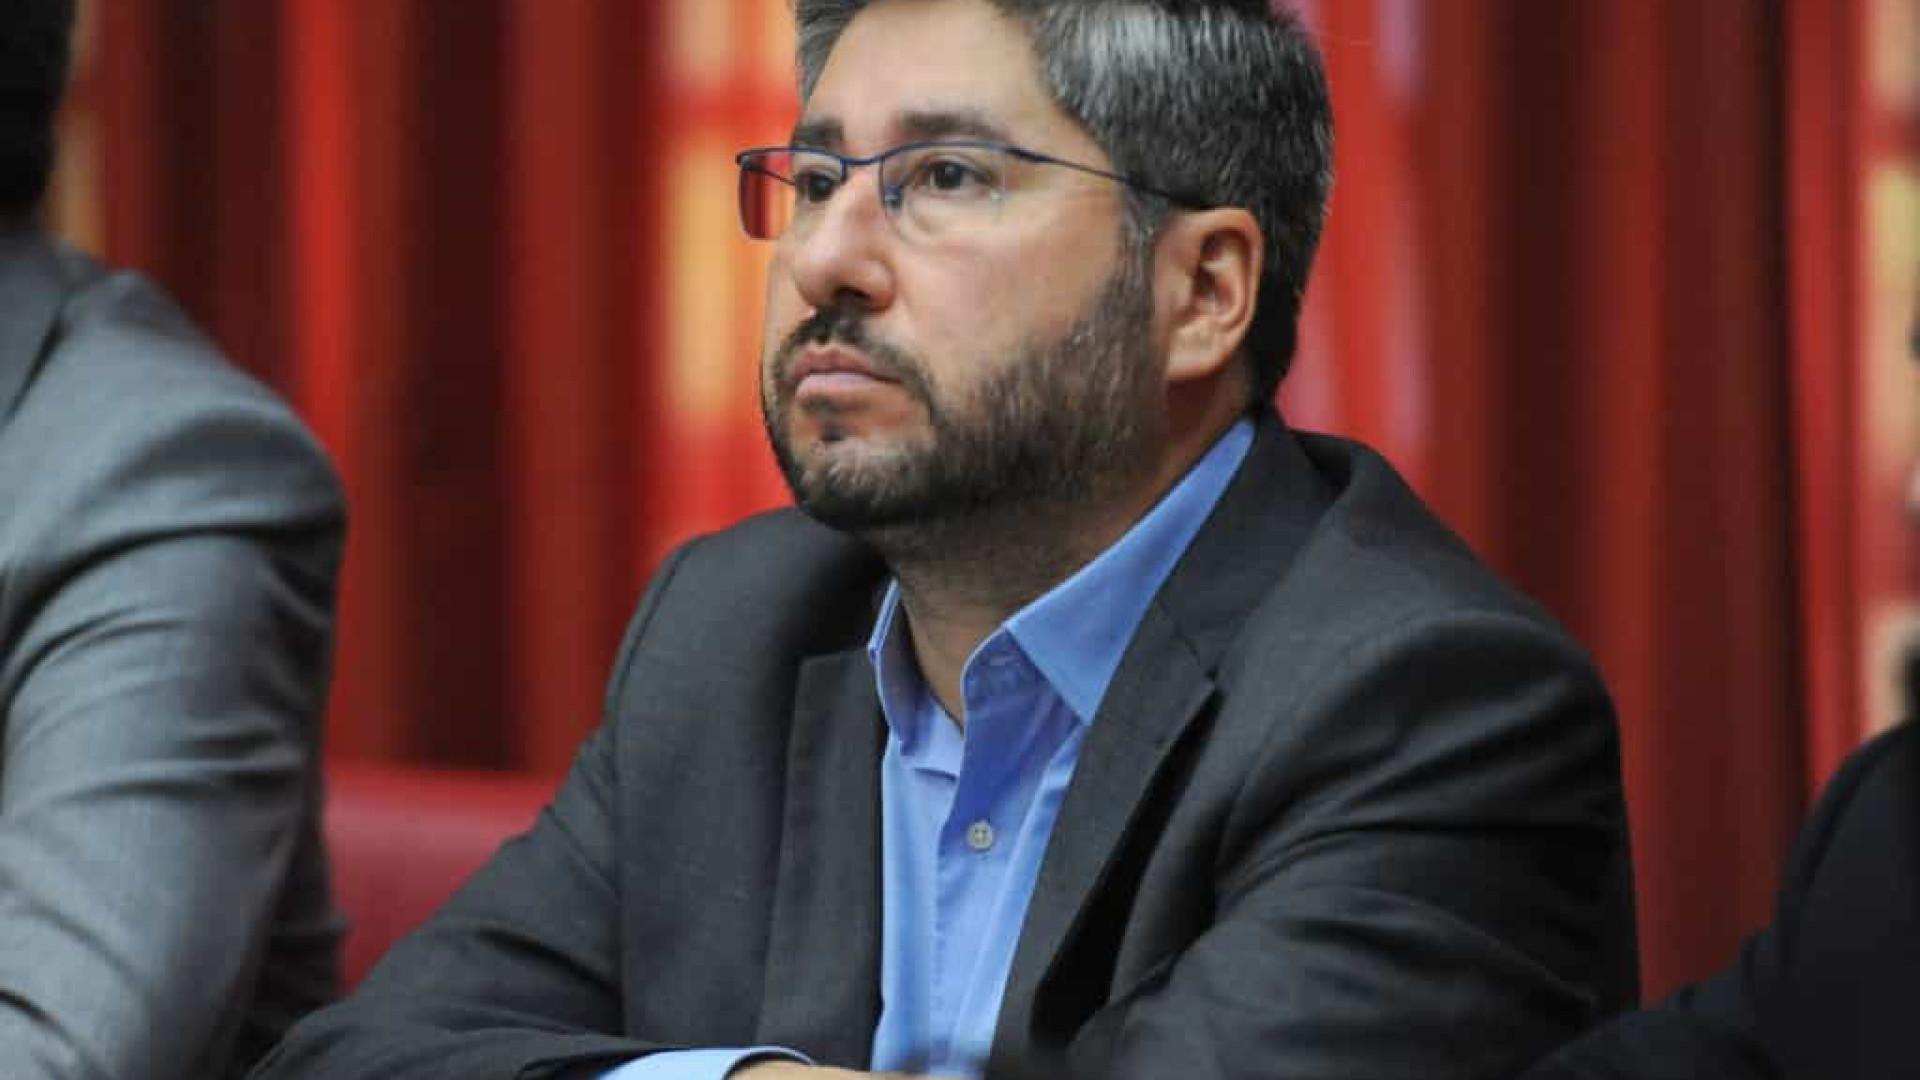 Acusado de assédio, Fernando Cury deverá ser expulso do Cidadania, diz defesa